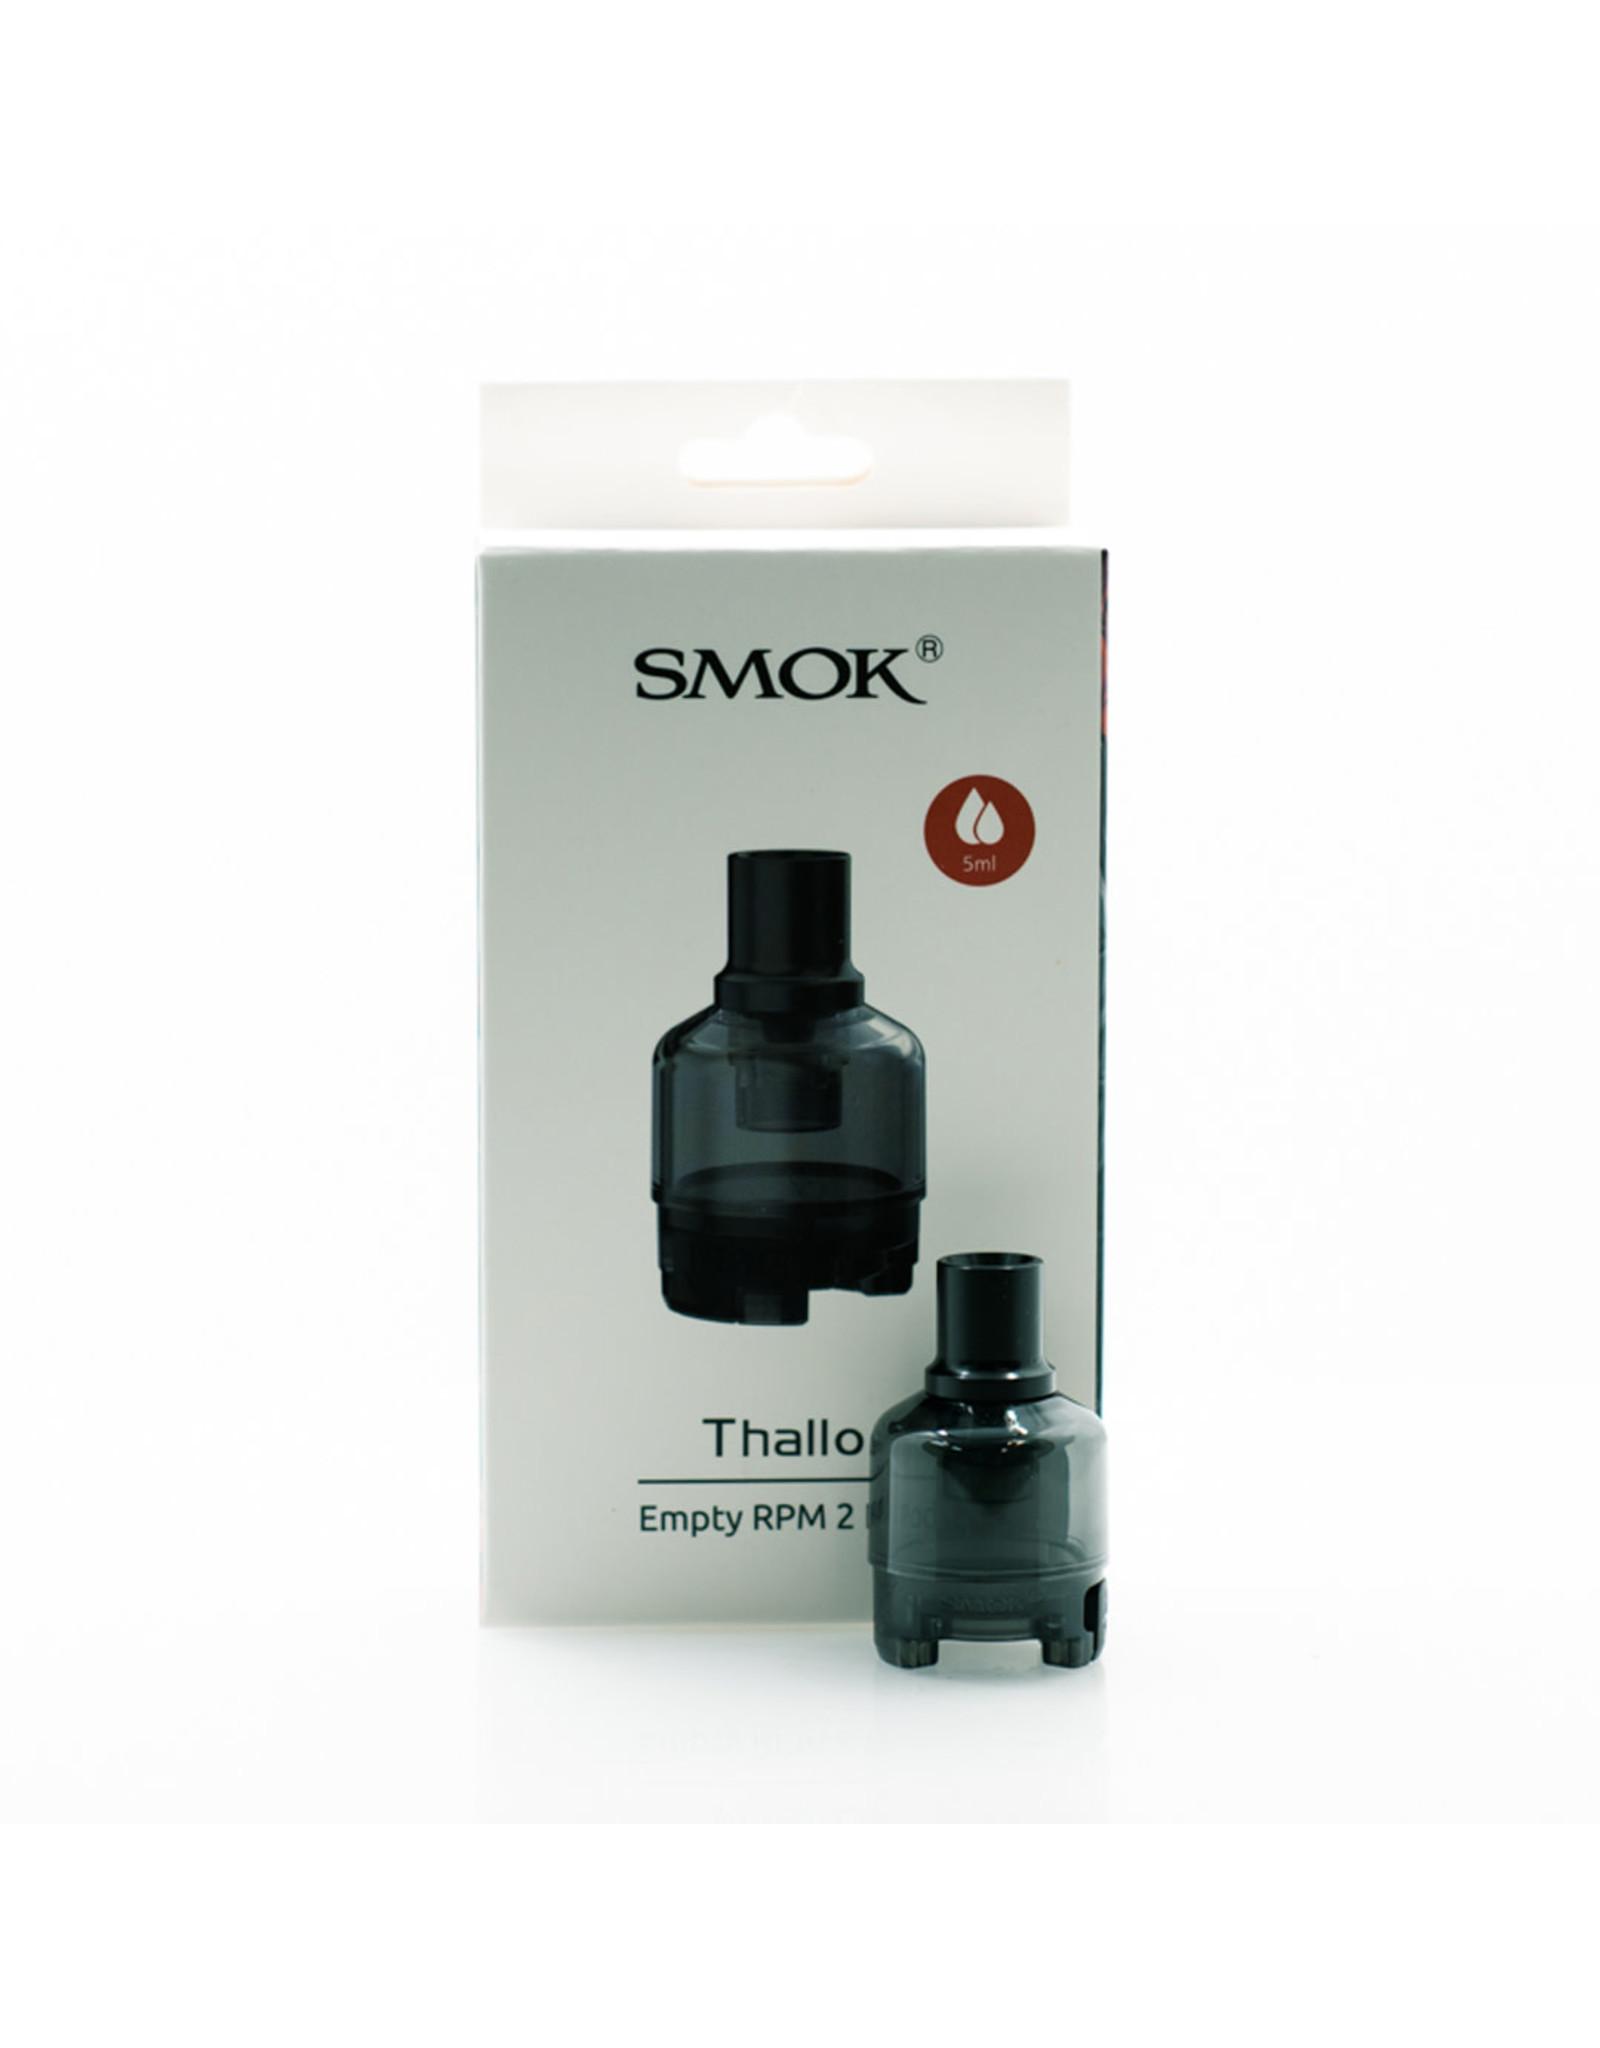 SMOK SMOK: Thallo Pods-